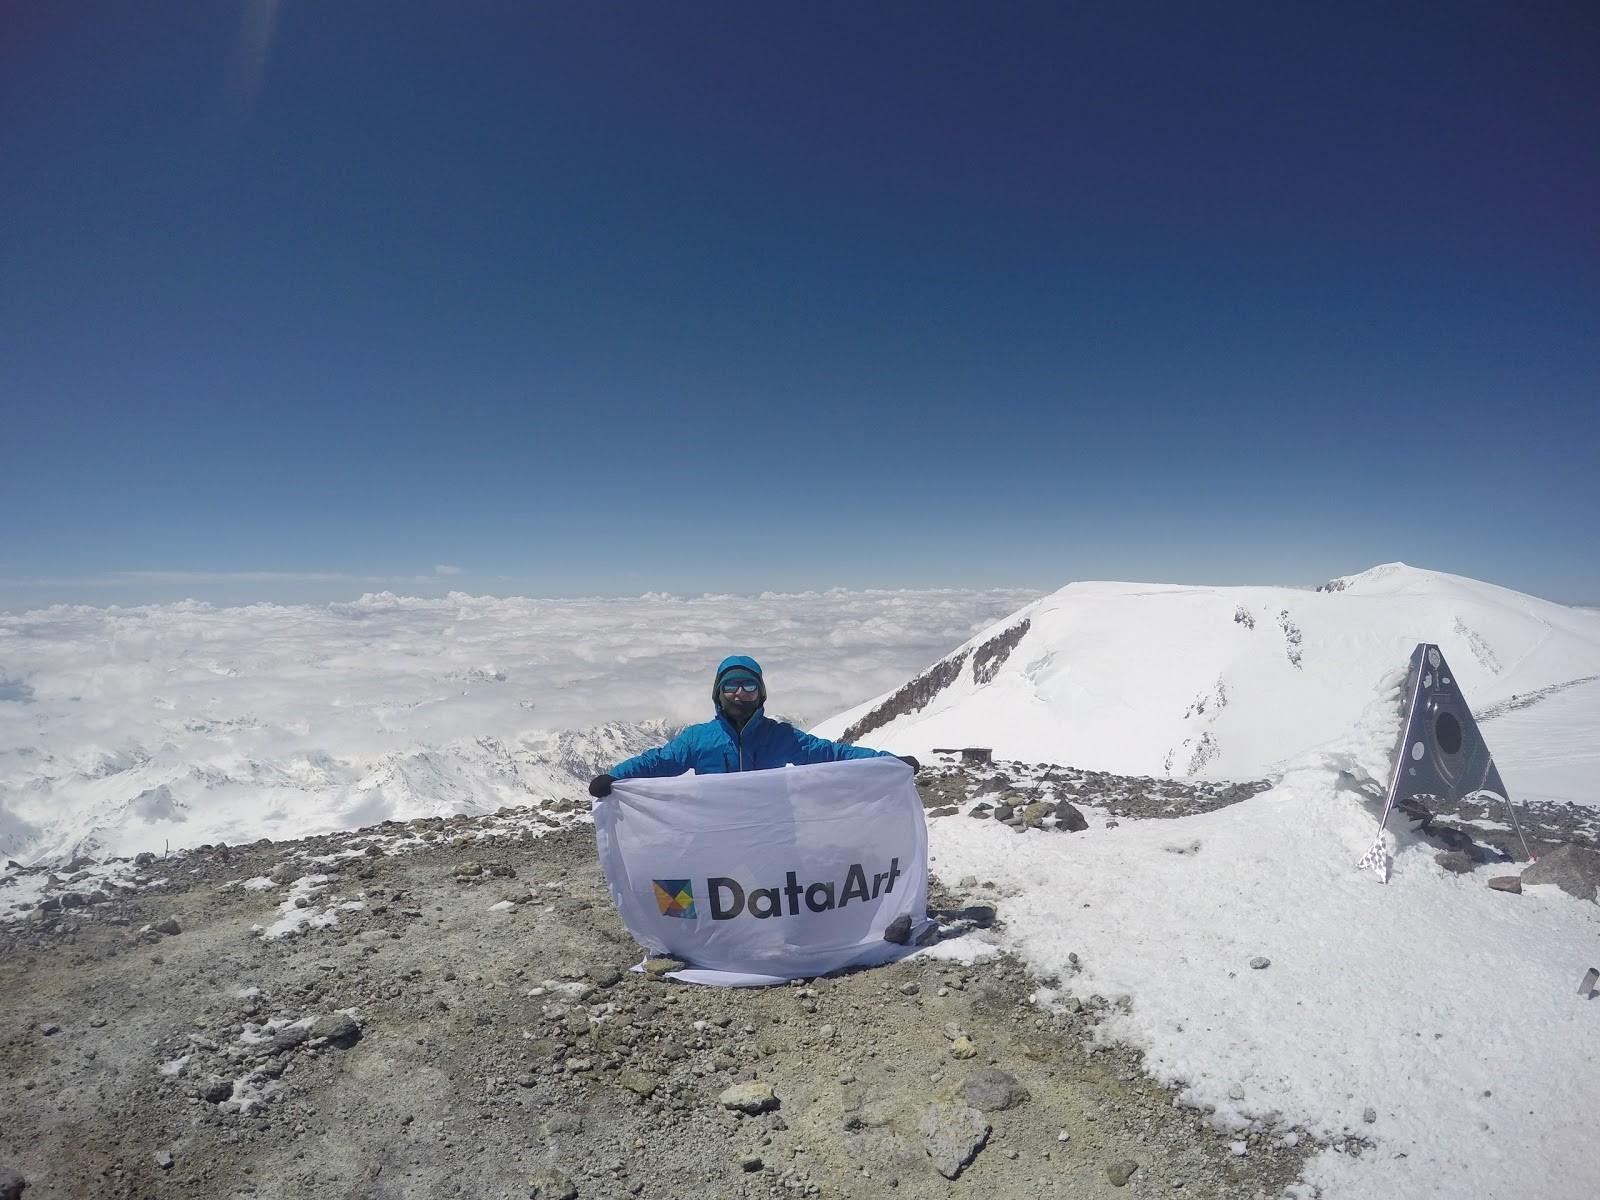 Флаг DataArt над Эльбрусом - 12